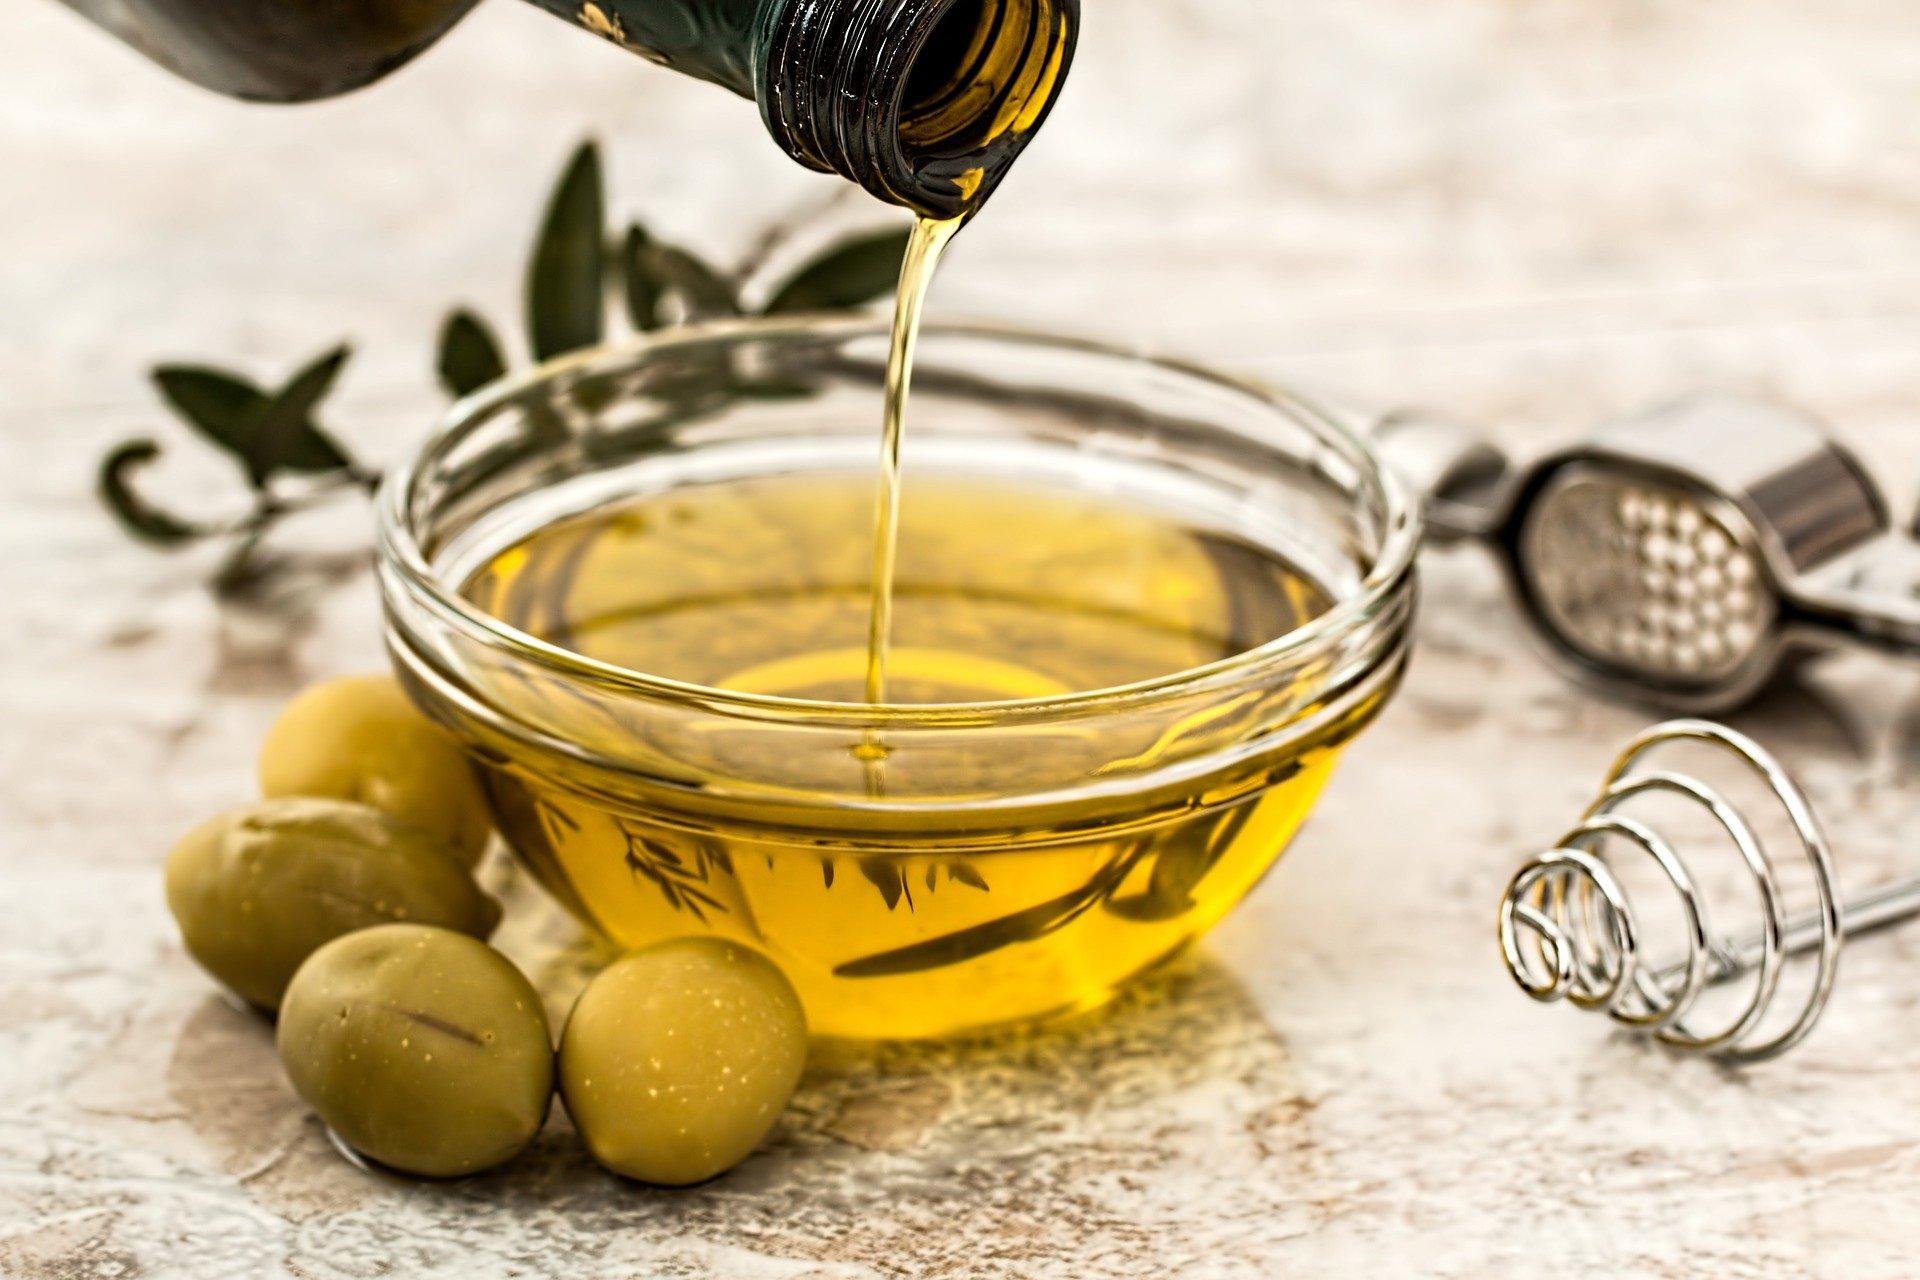 Oli d'oliva | Pixabay